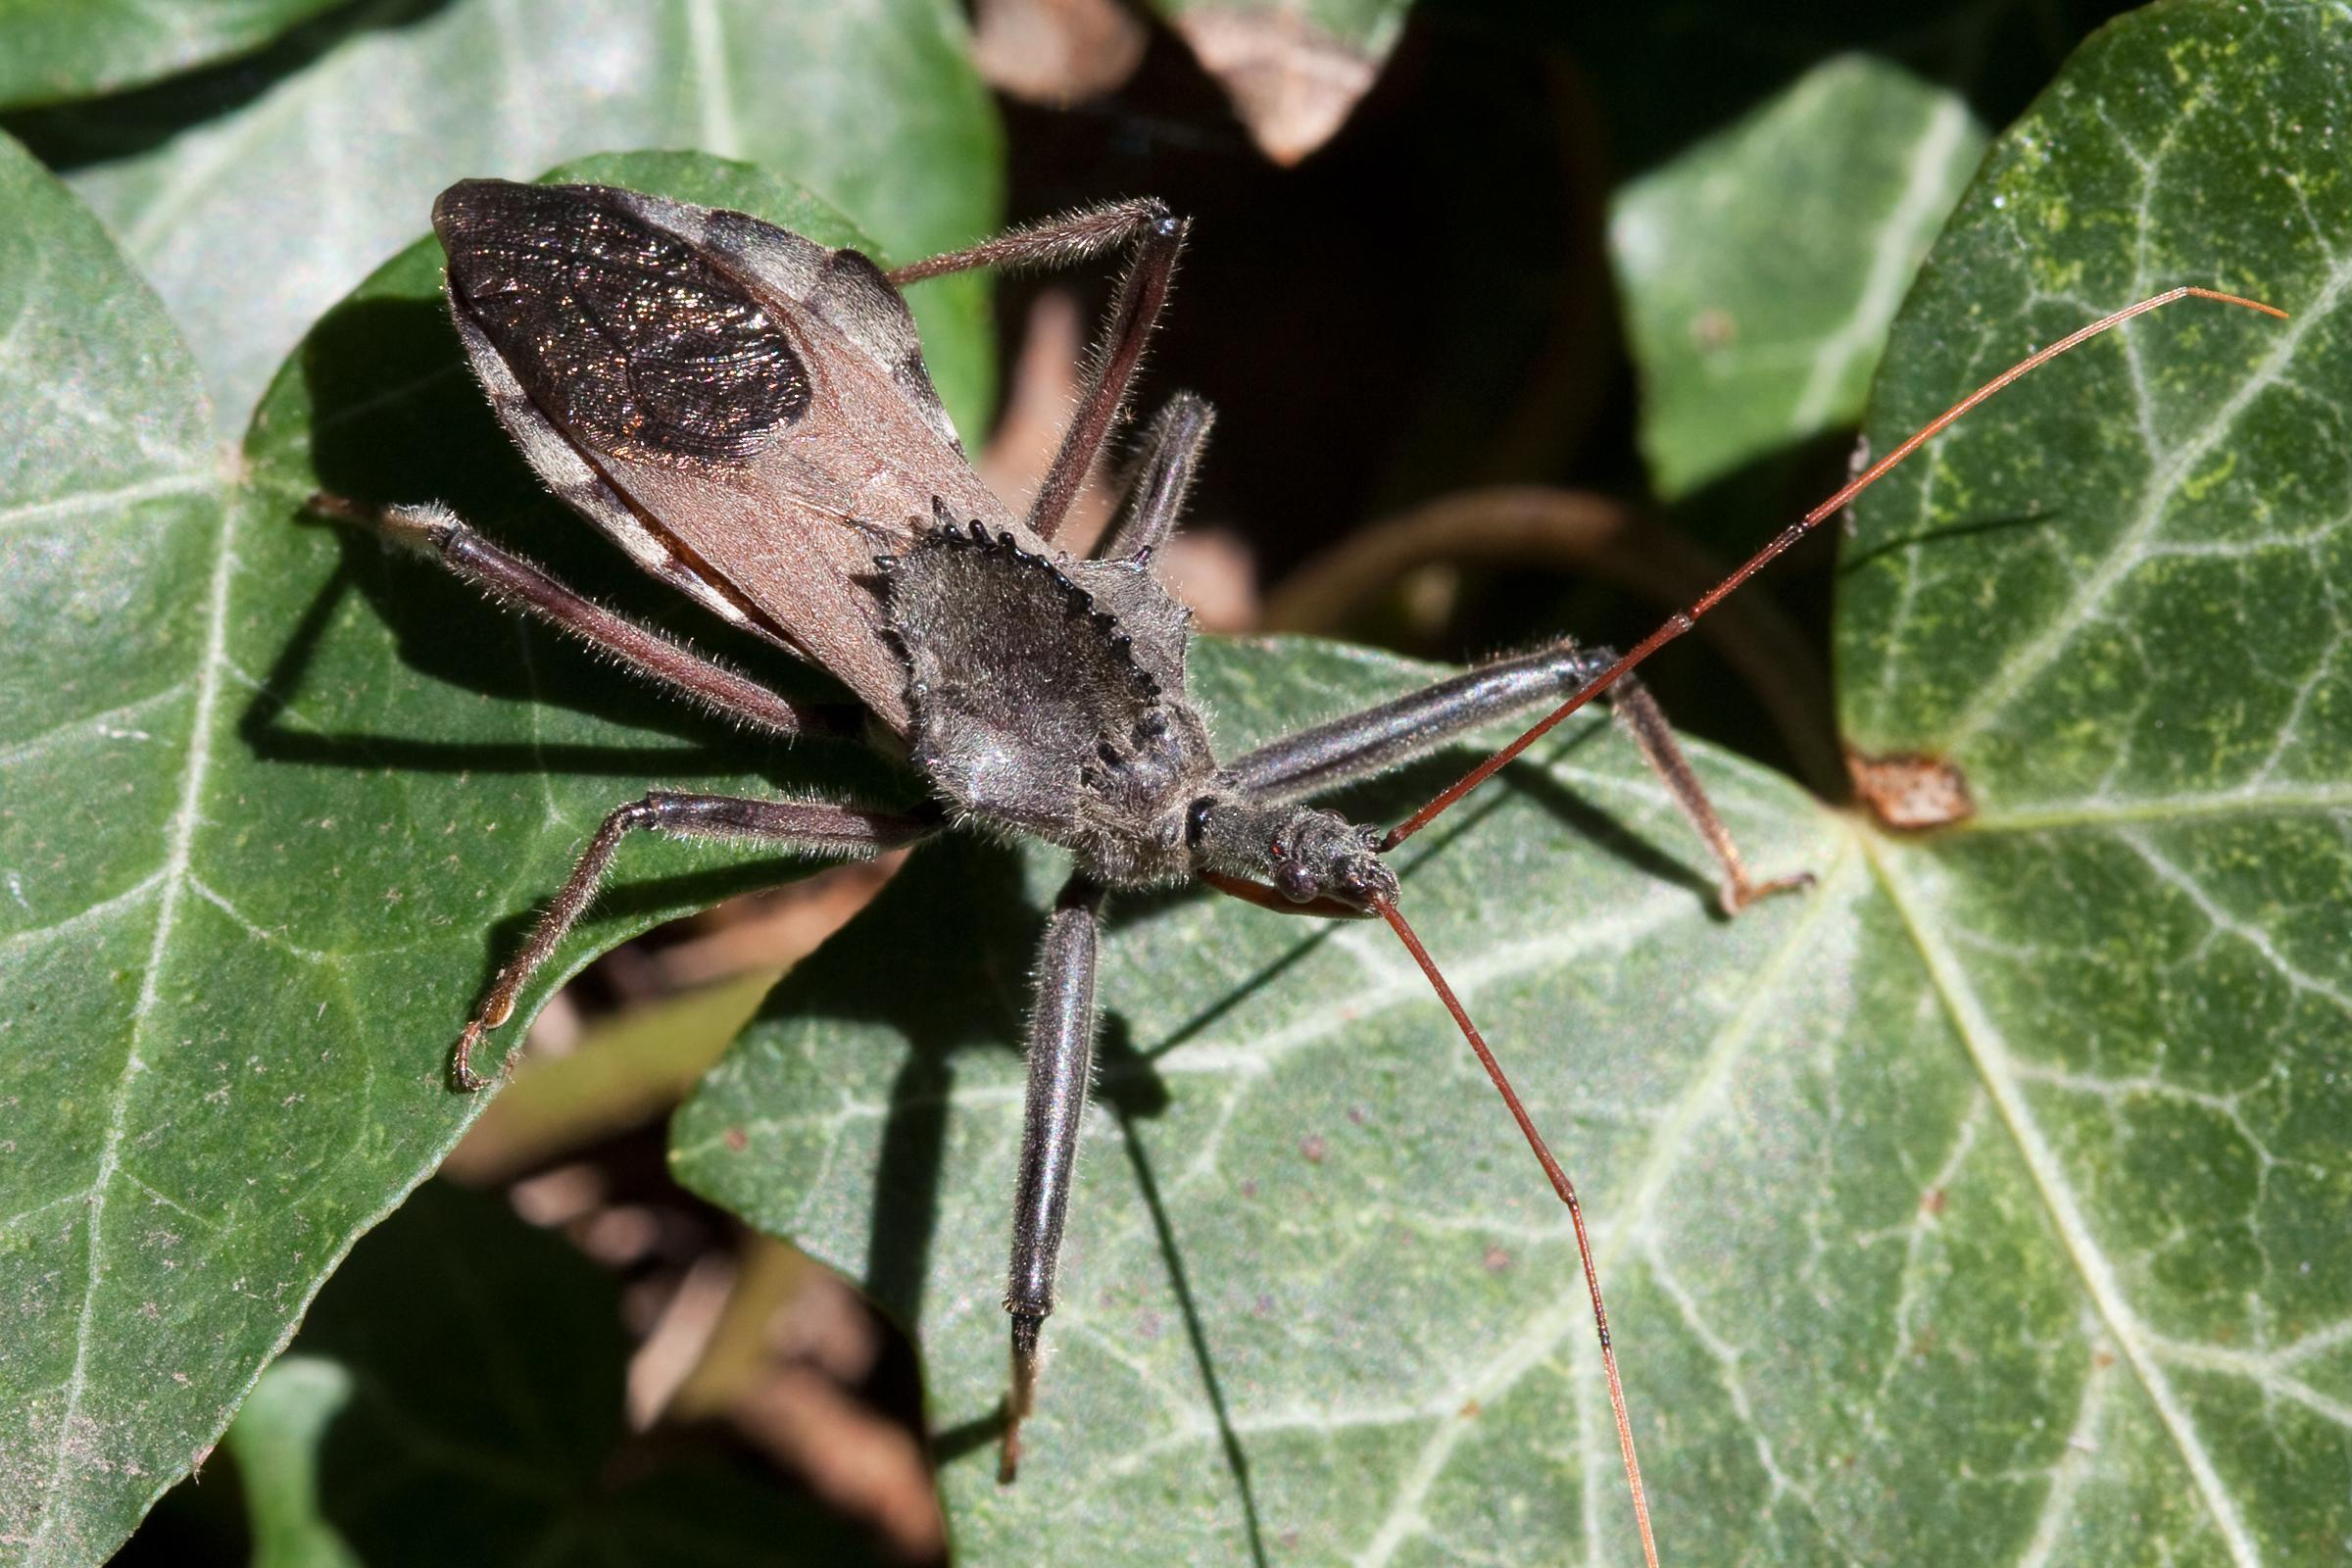 Wheel bug - Wikipedia